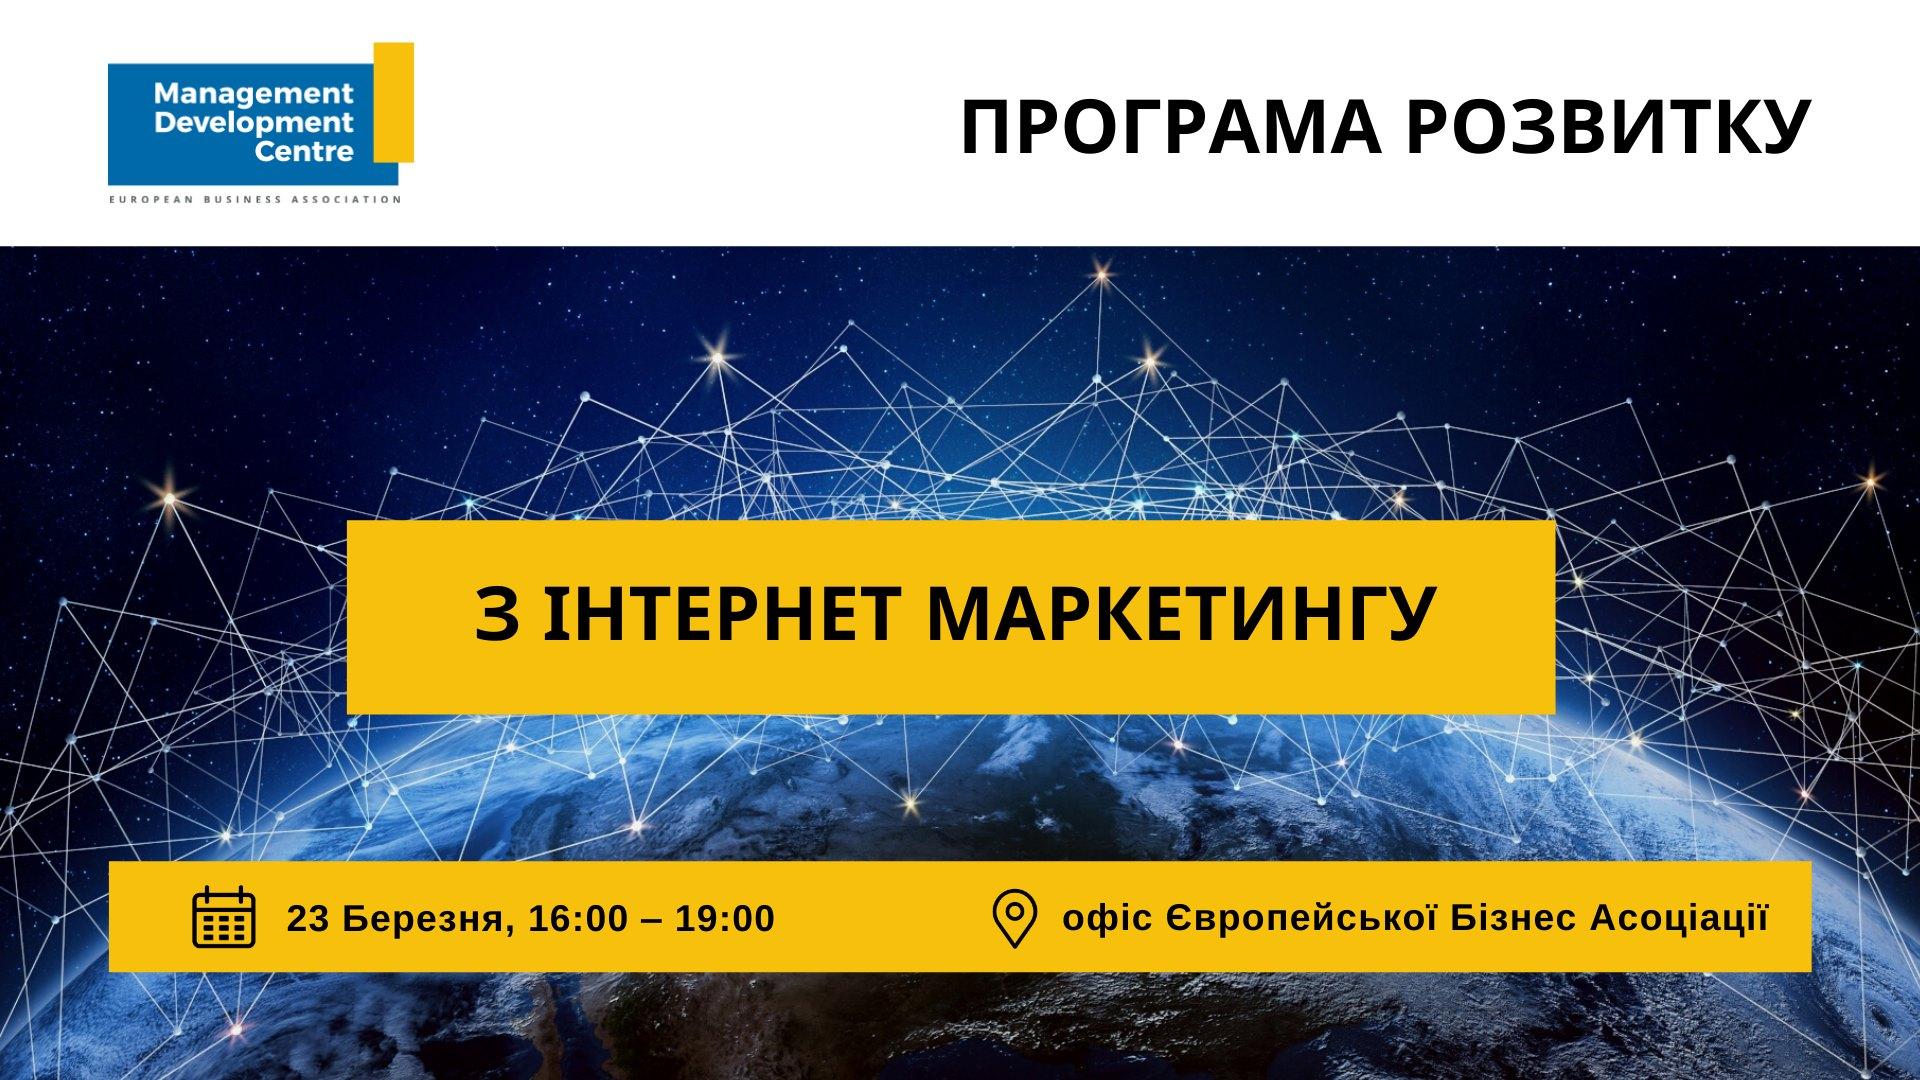 Програма розвитку з інтернет маркетингу